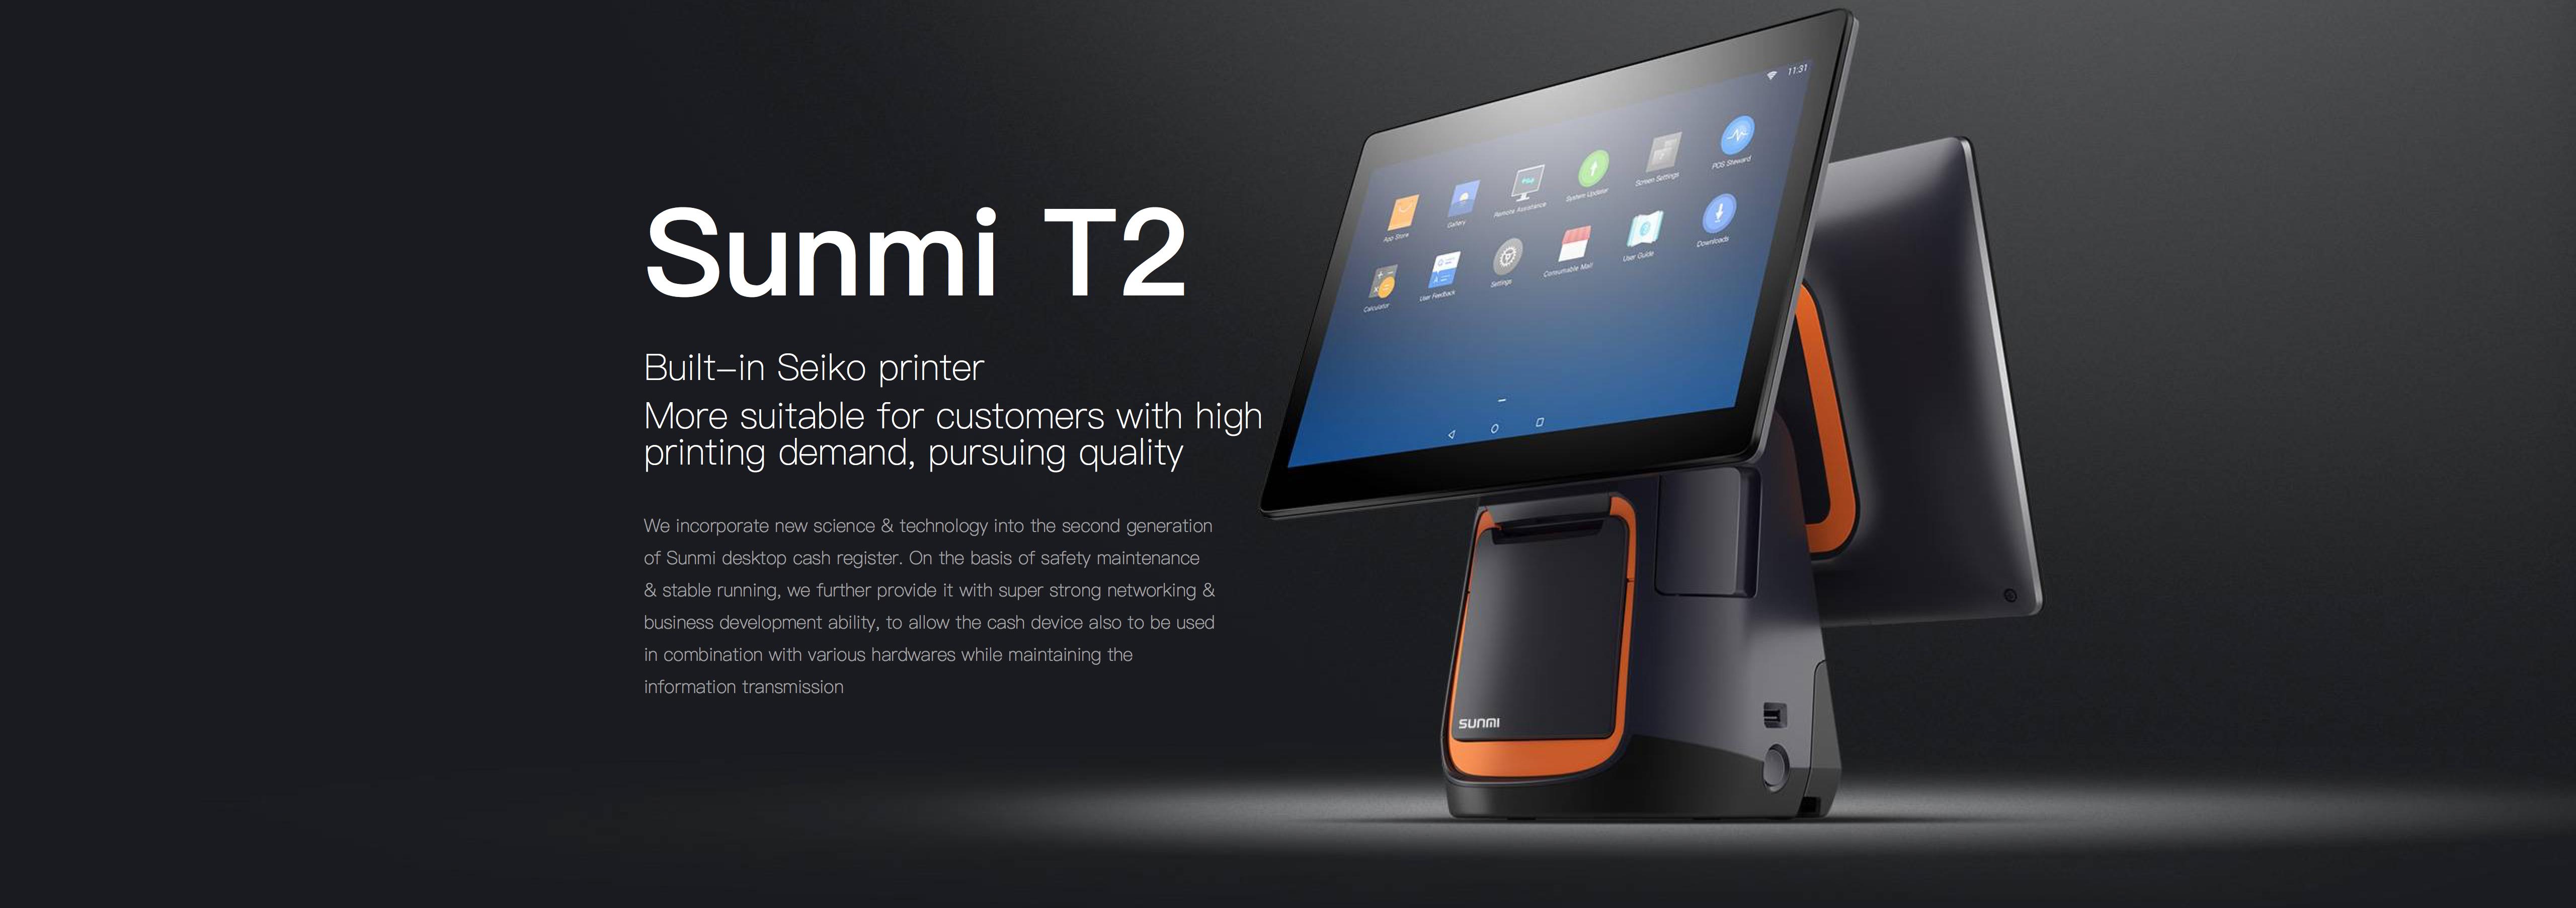 SUNMI-T2_01.jpg